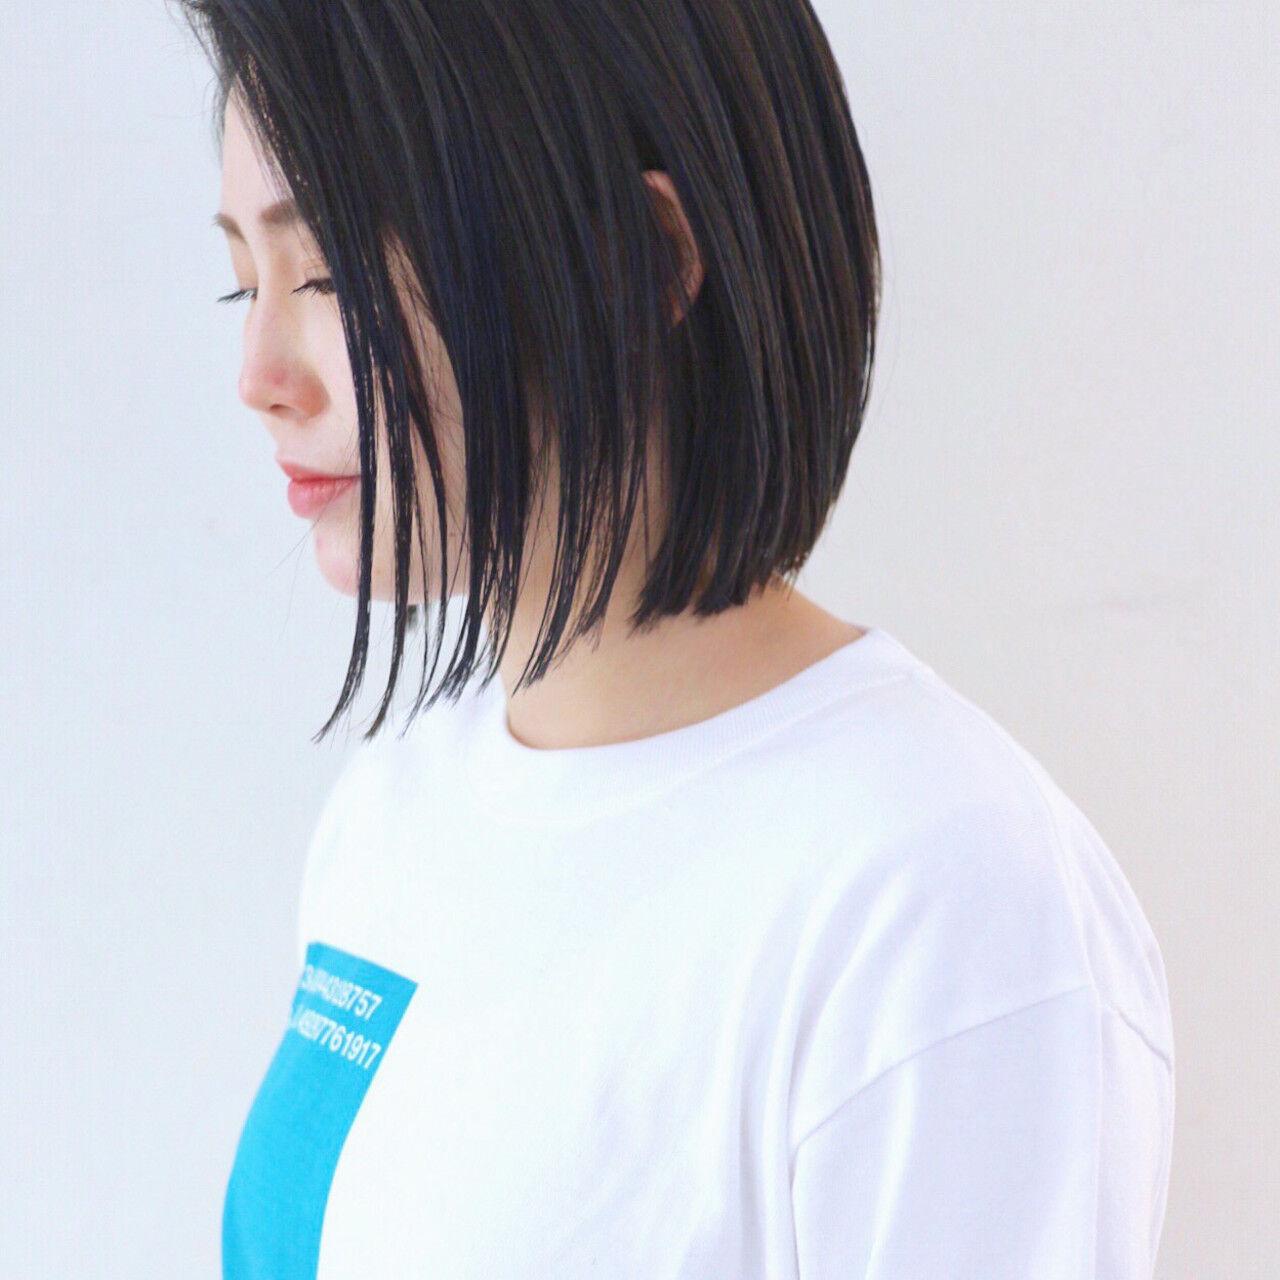 グラデーションカラー バレイヤージュ ハイライト ストリートヘアスタイルや髪型の写真・画像